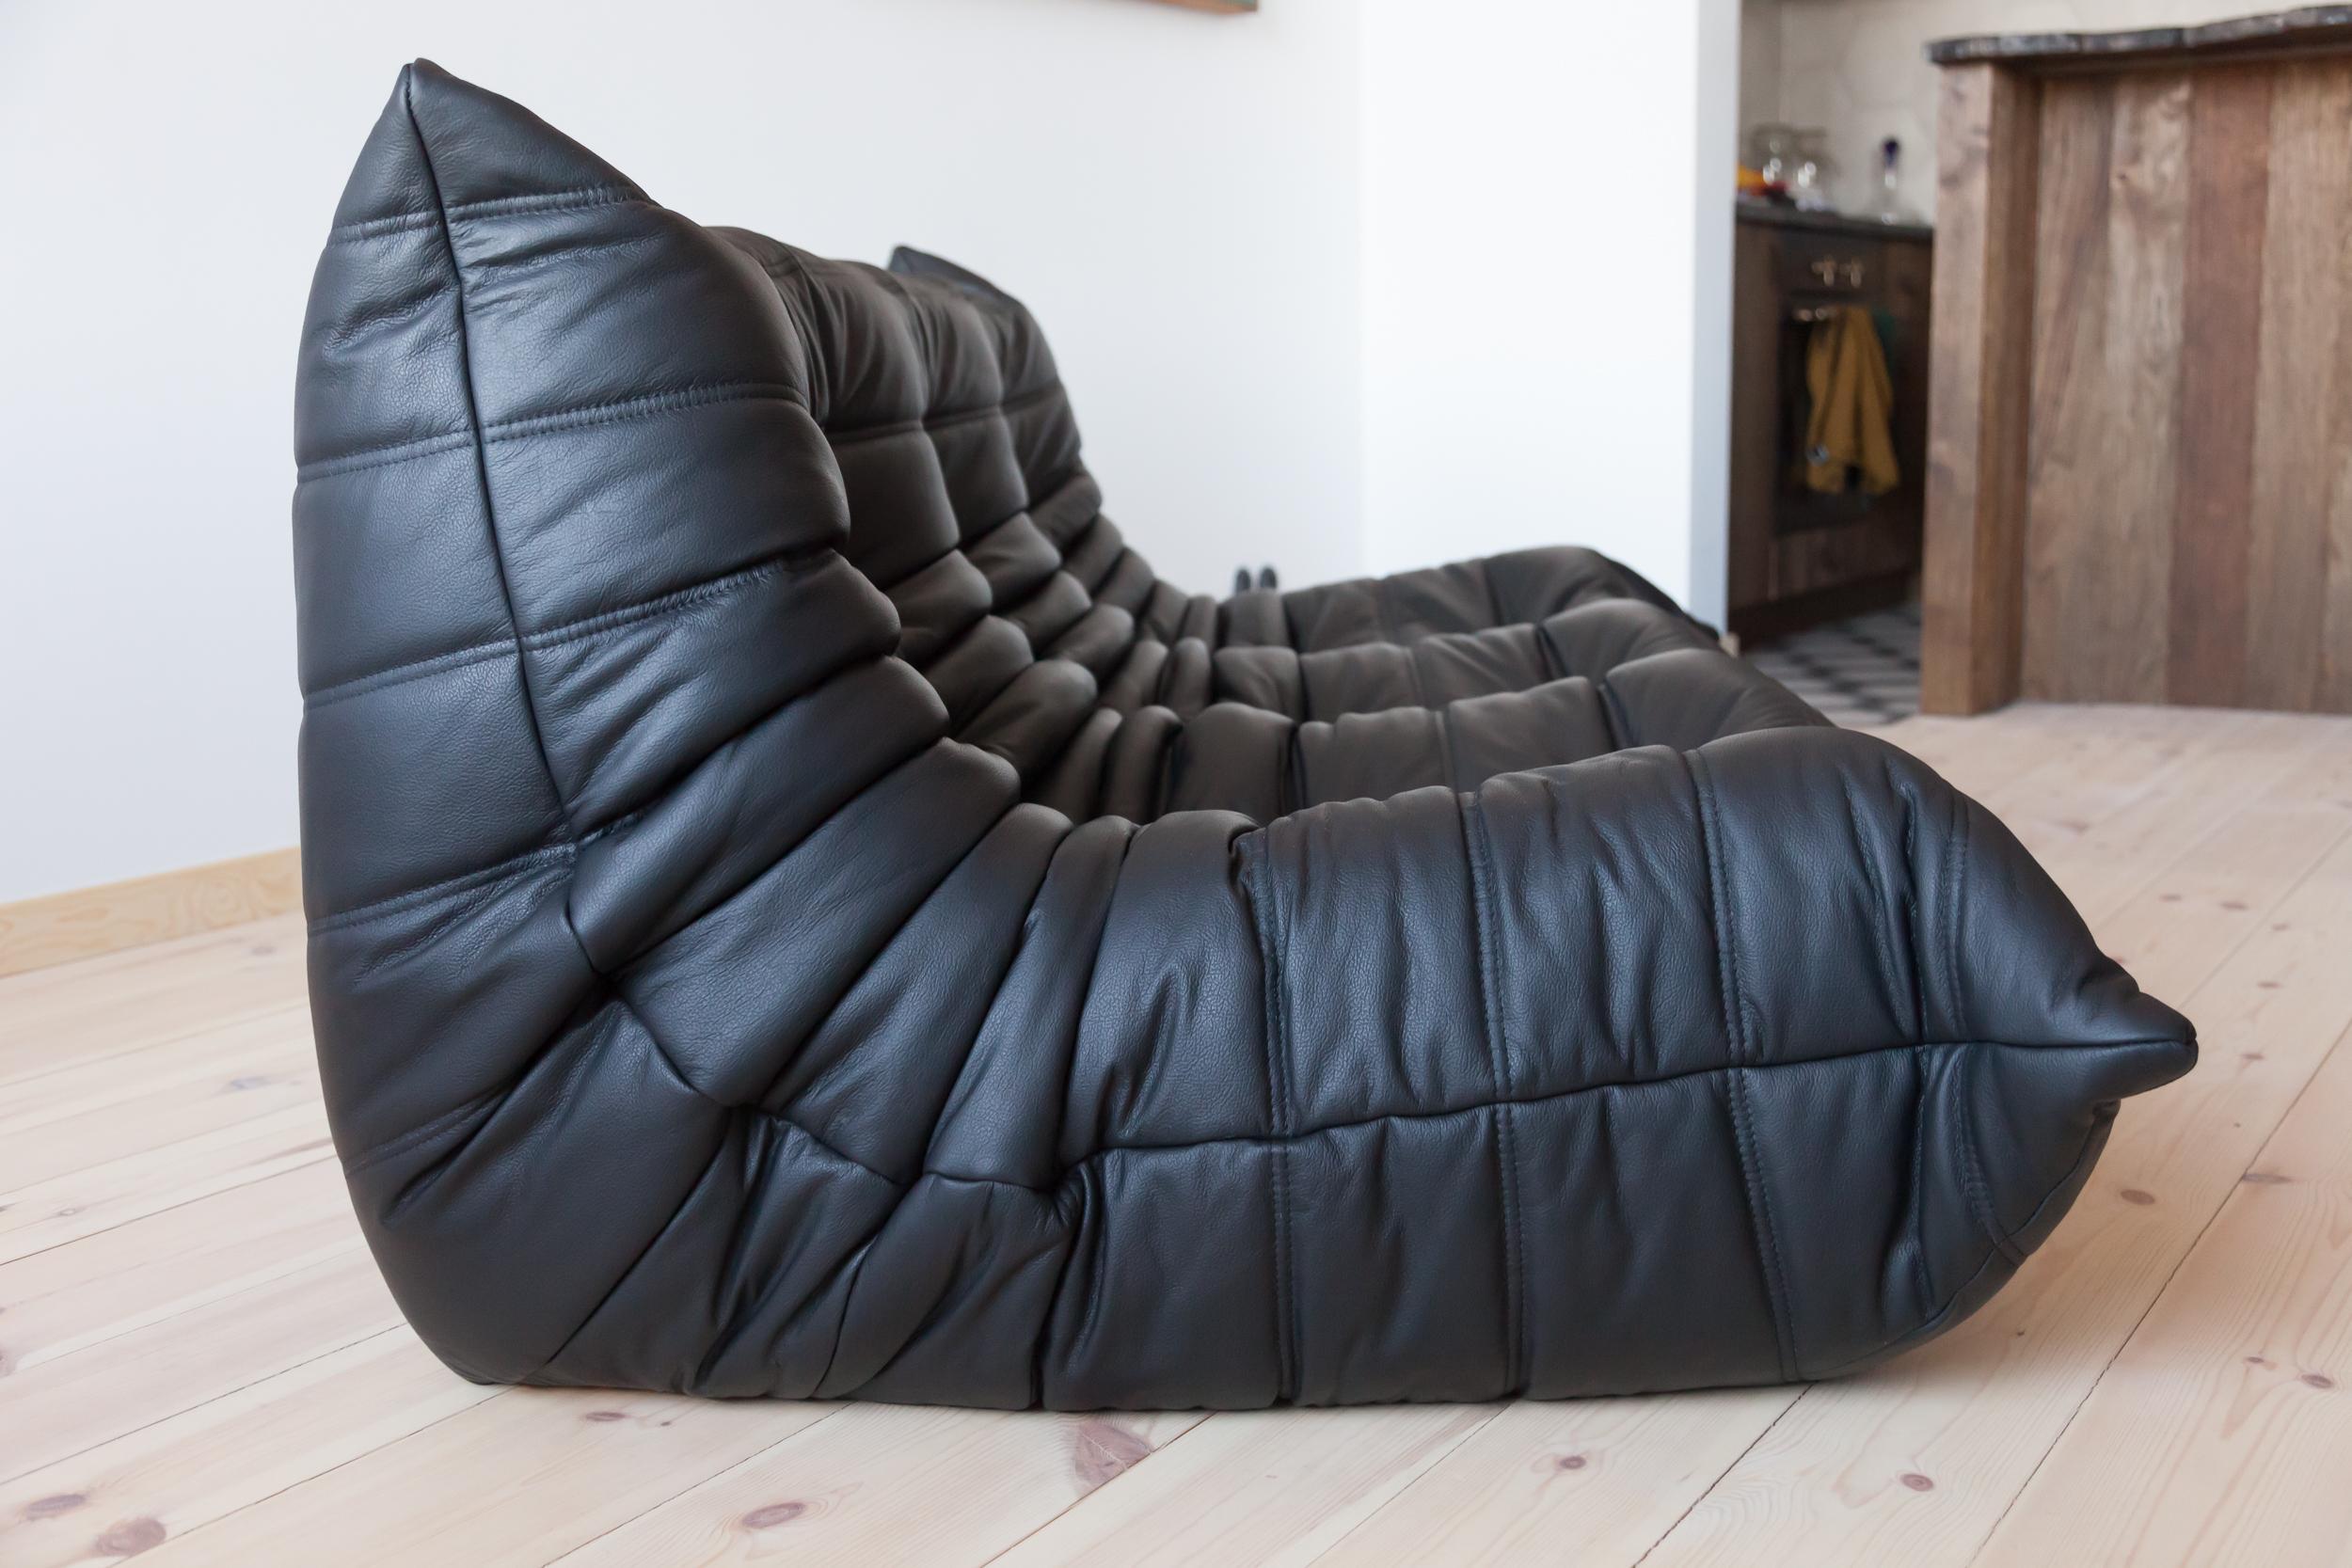 Astonishing Togo 3 Seat Sofa In Black Leather By Michel Ducaroy For Ligne Roset Inzonedesignstudio Interior Chair Design Inzonedesignstudiocom